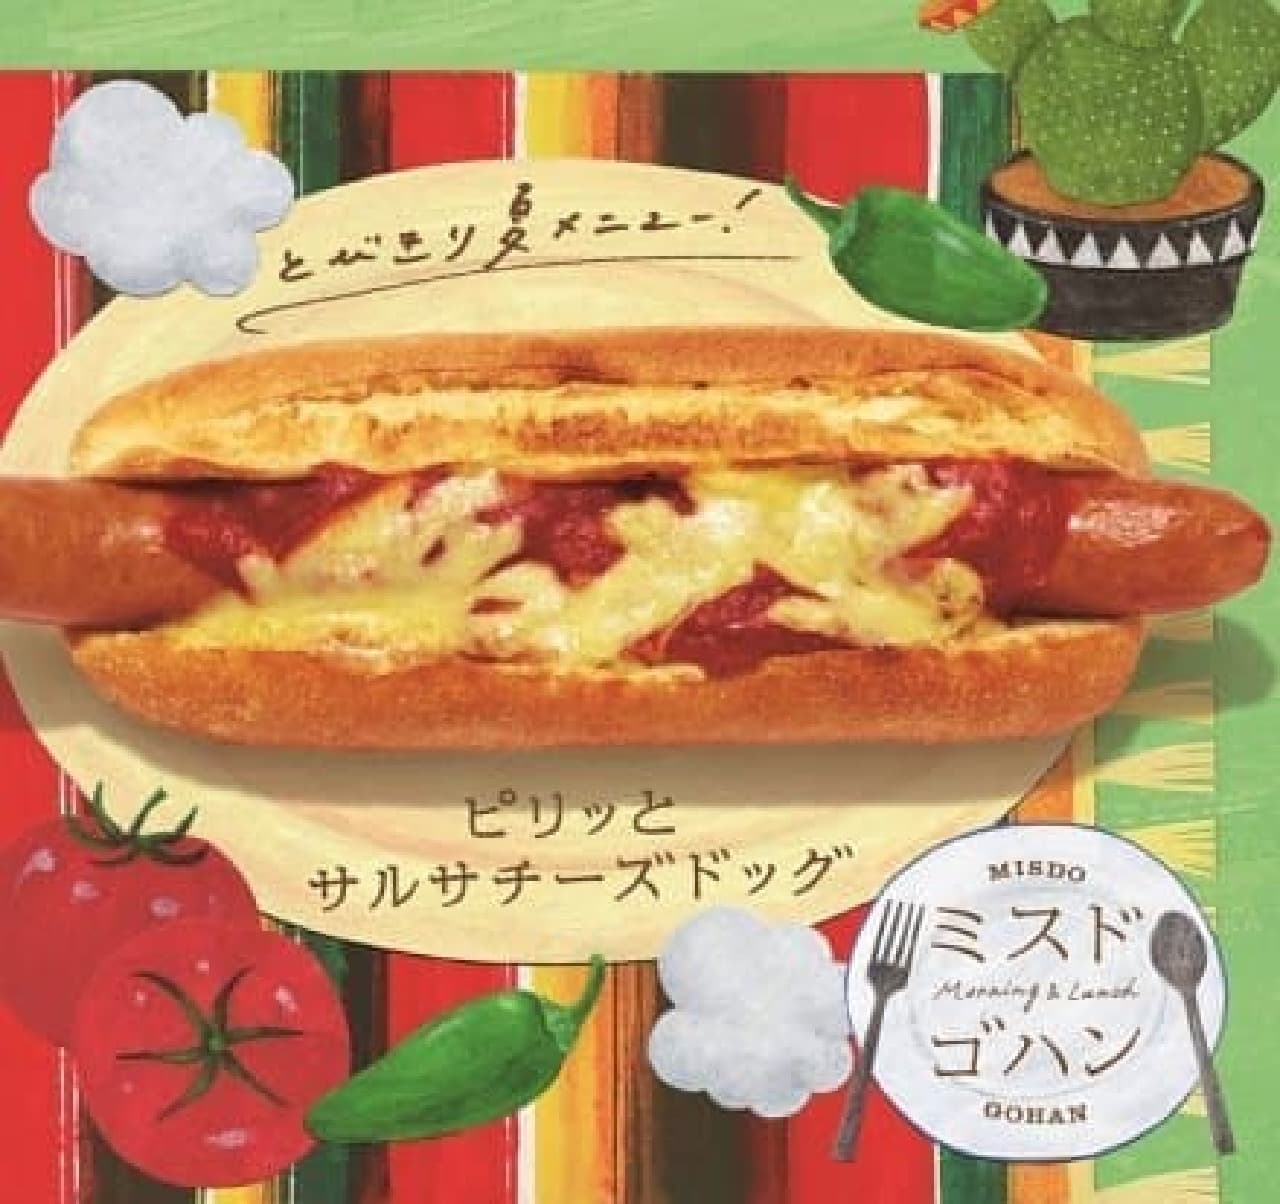 ミスタードーナツ「ピリッとサルサチーズドッグ」